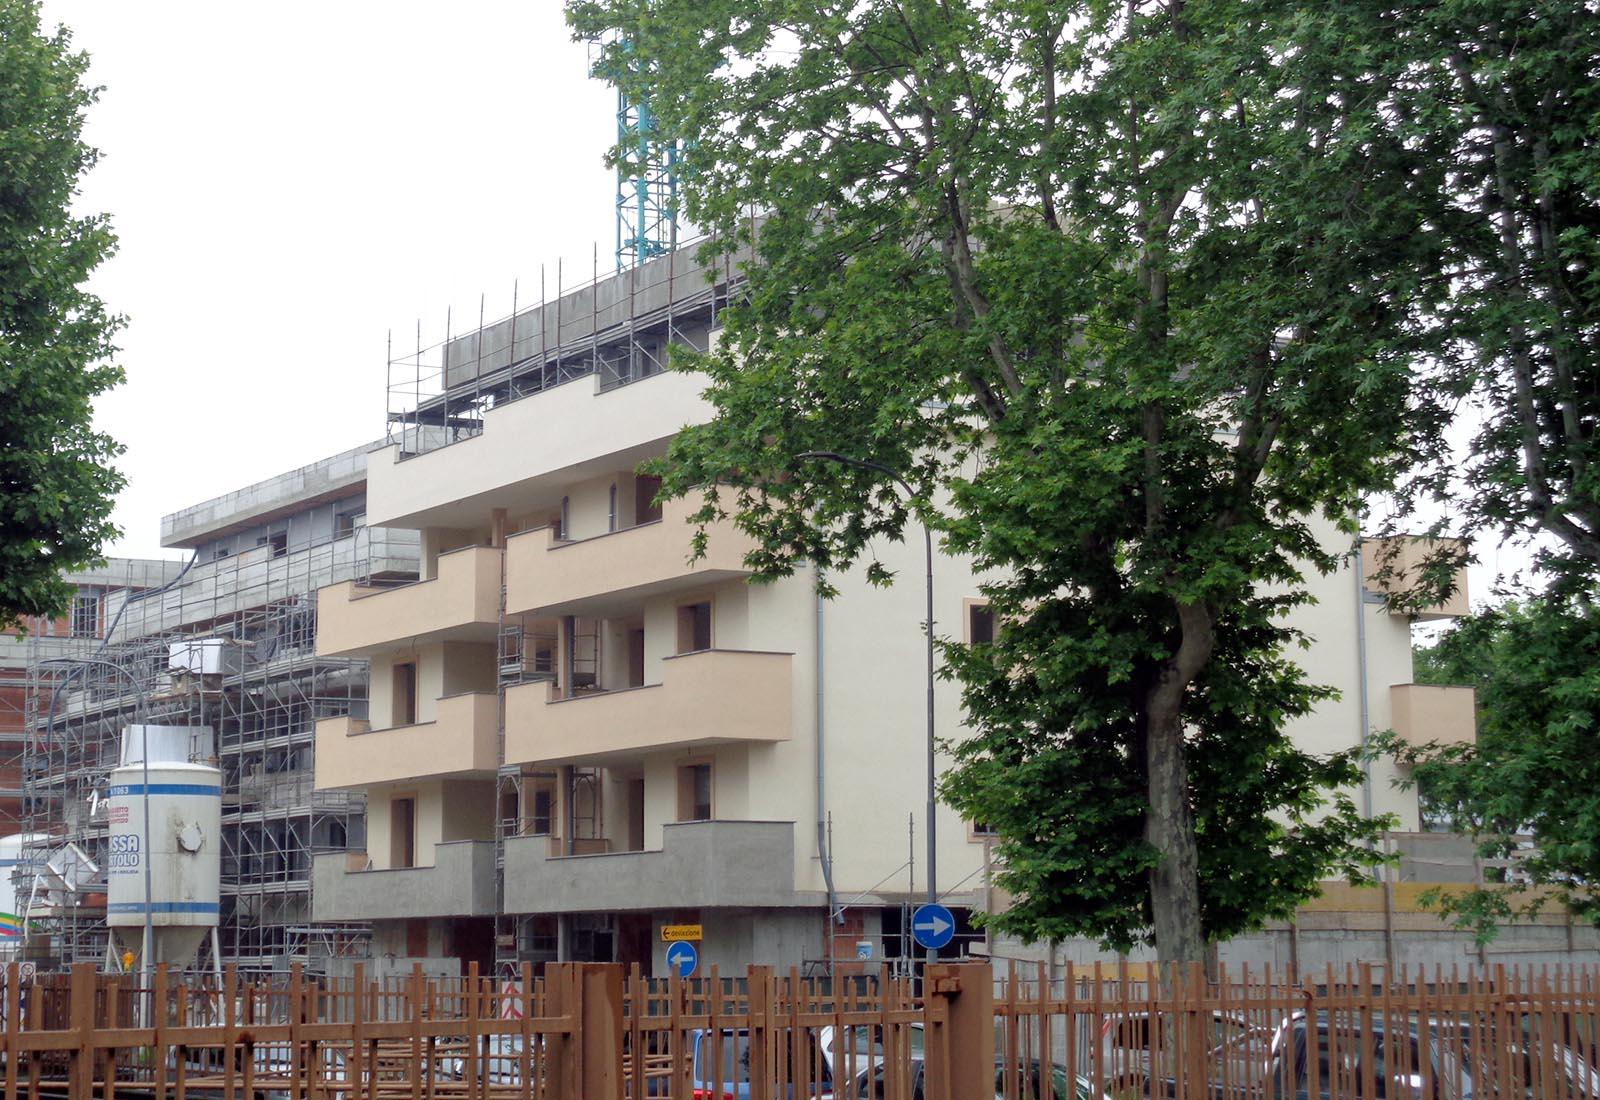 Residenze via Biringhello a Rho - Vista